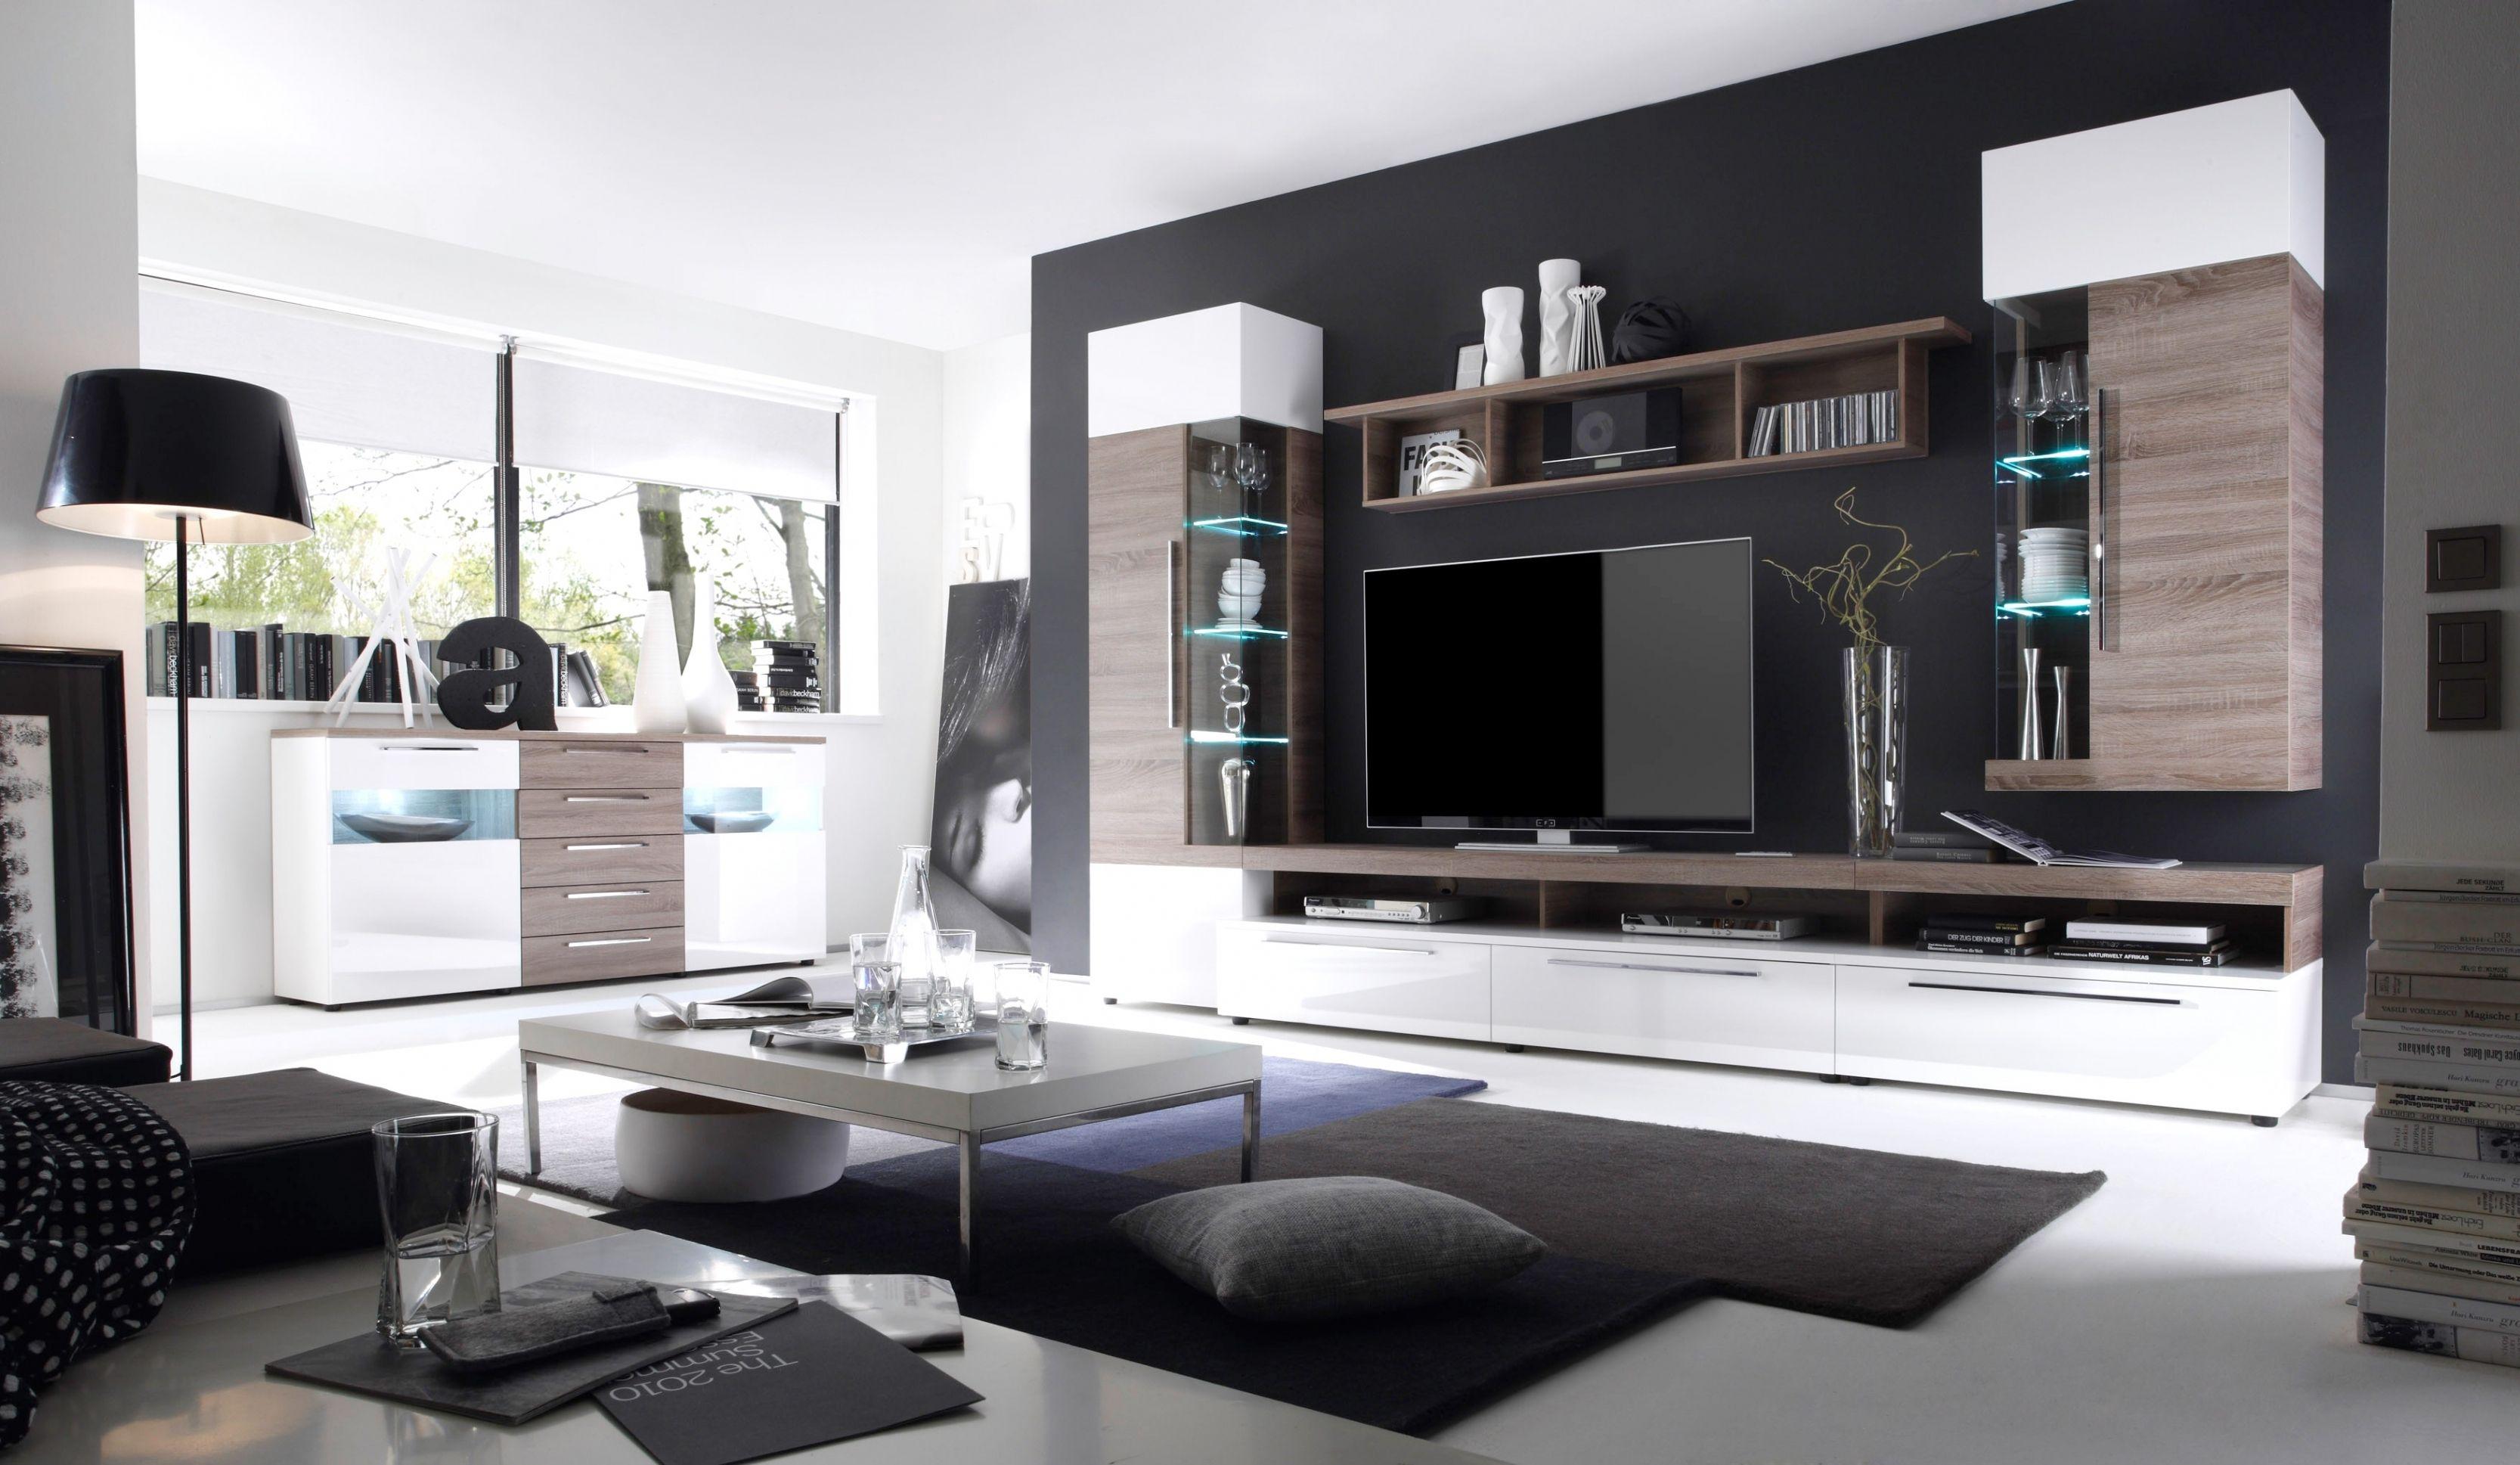 wohnzimmer deko wohnwand wohnwand deko ideen set oliverbuckram. Black Bedroom Furniture Sets. Home Design Ideas